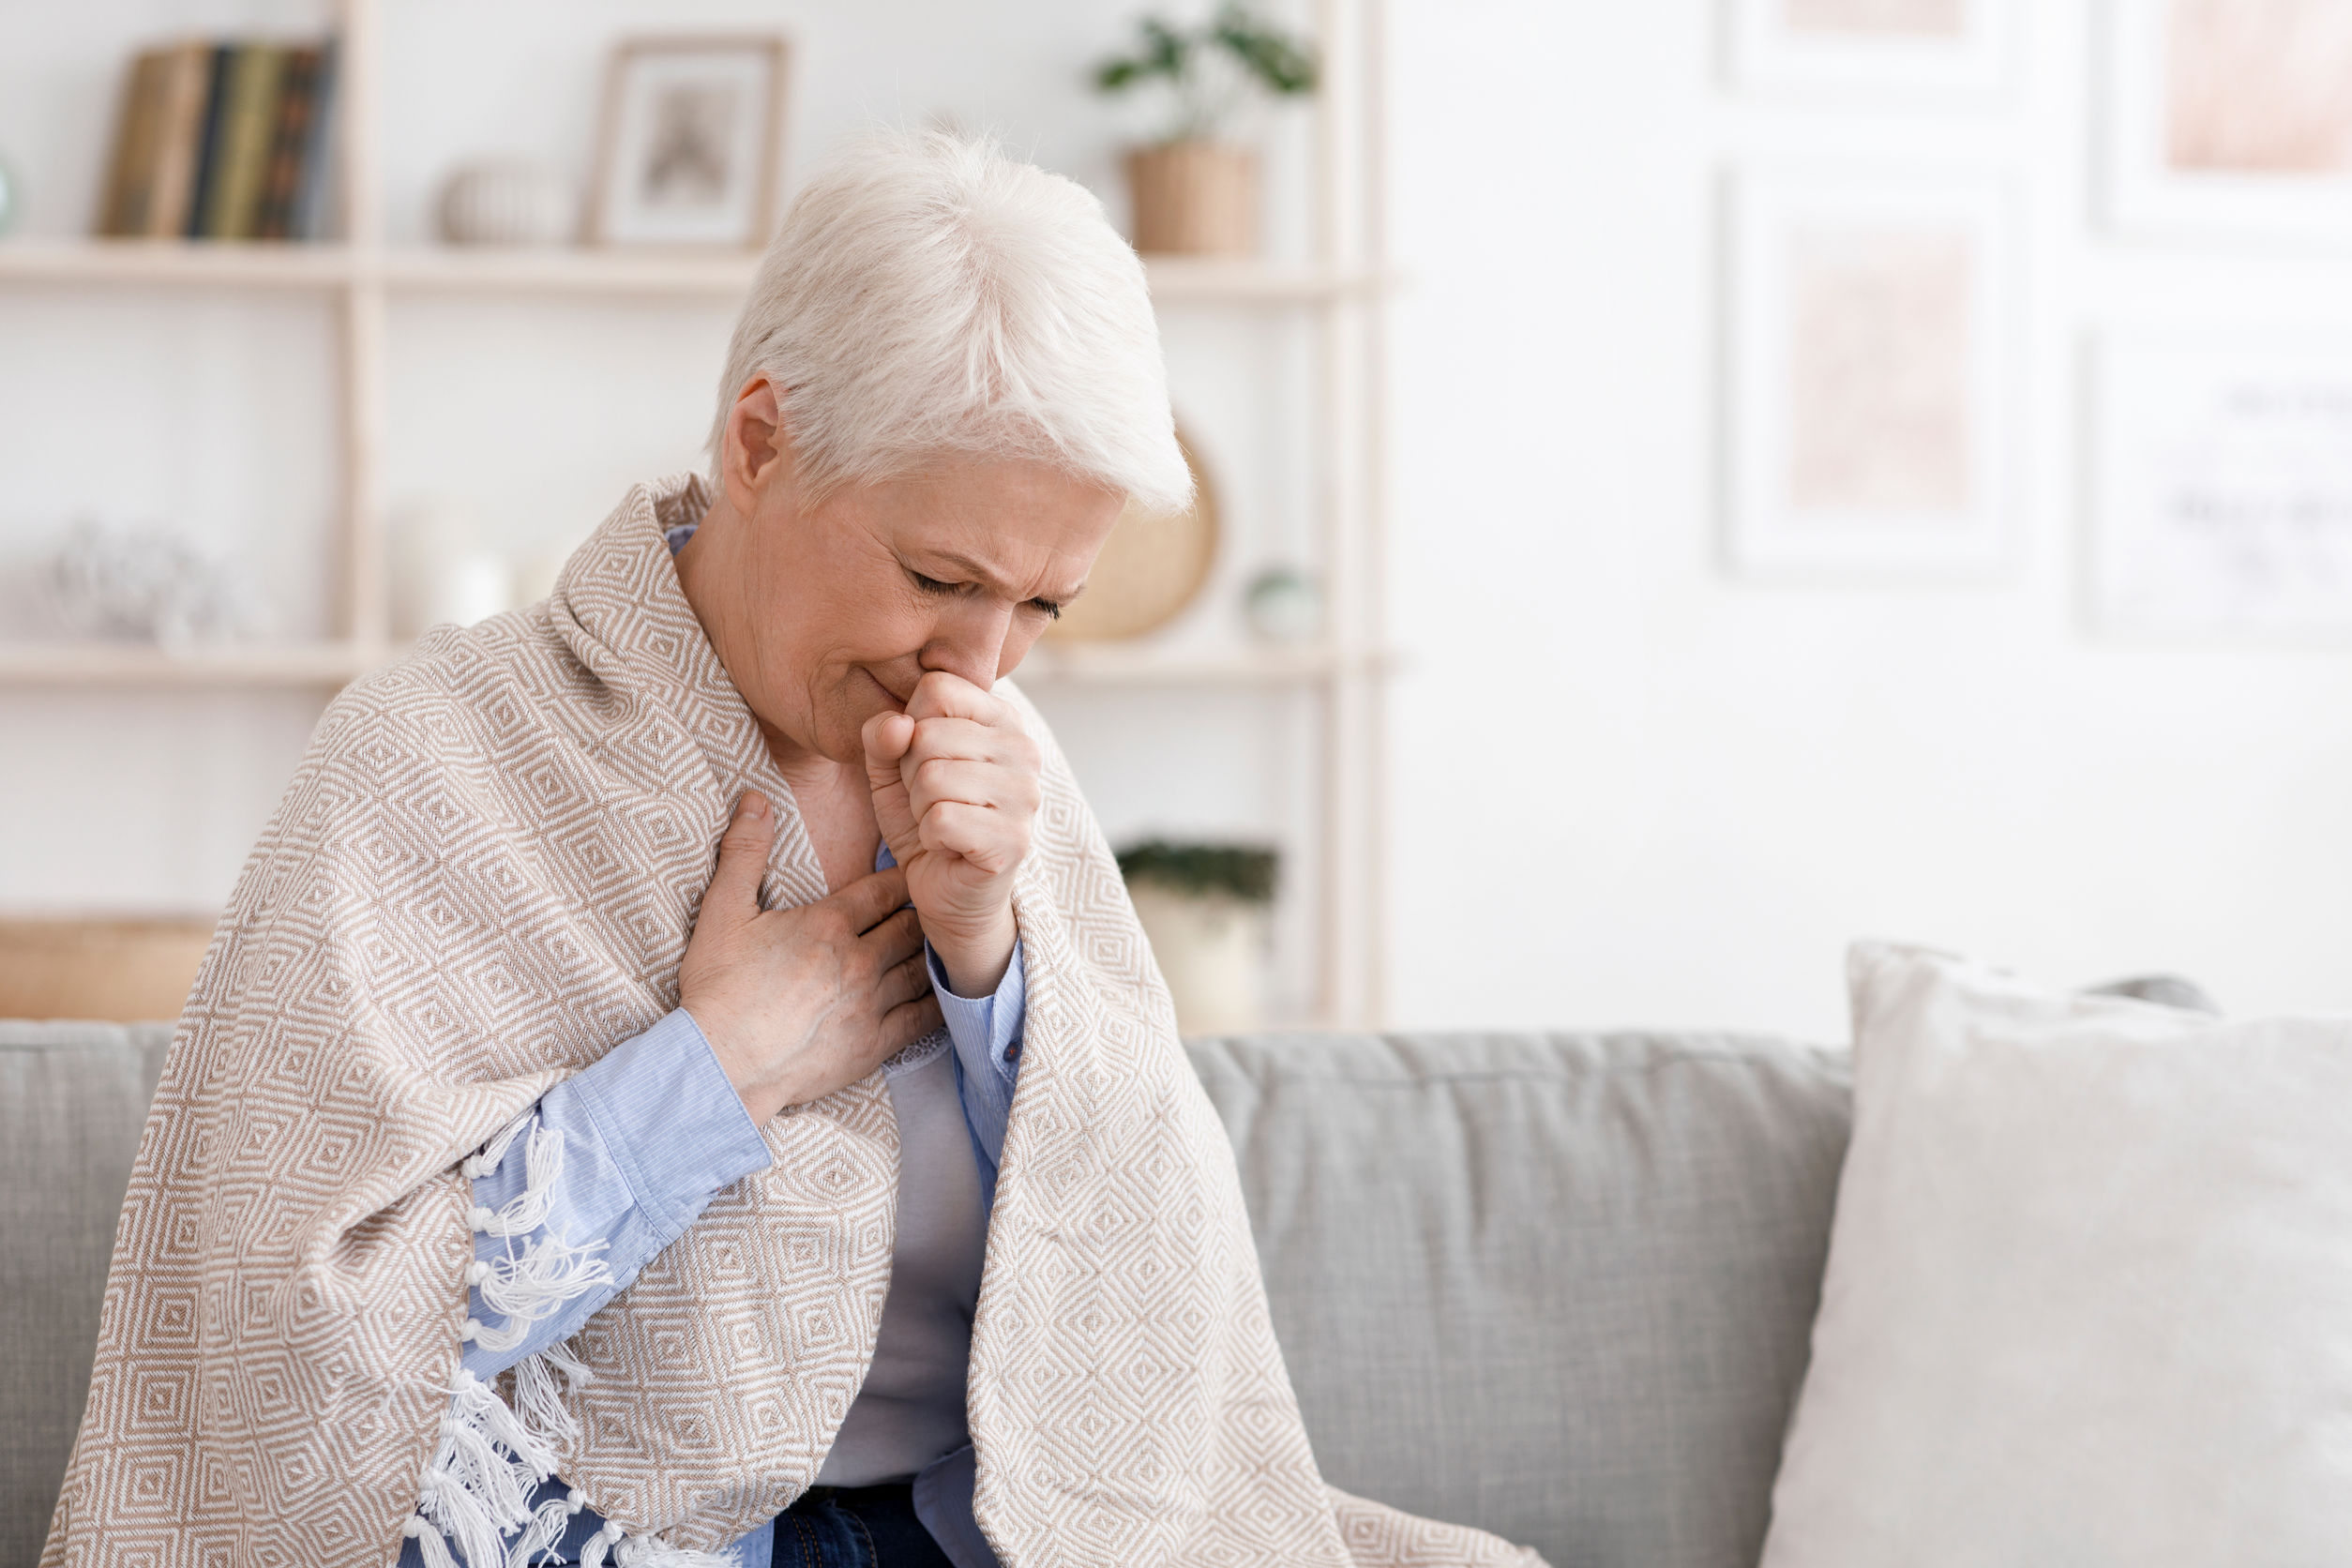 Doses elevadas de vitamina D podem não ser beneficiadas COVID-19 - Prevenção ou tratamento - Naturopathic Doctor News and Review 4